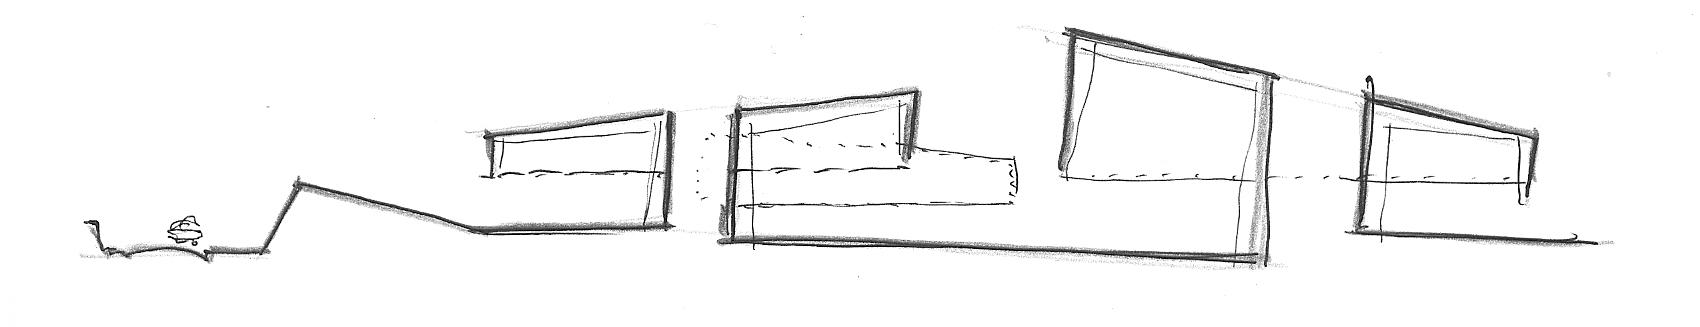 C1102_Sketch_cataleg_thepavilions_sec